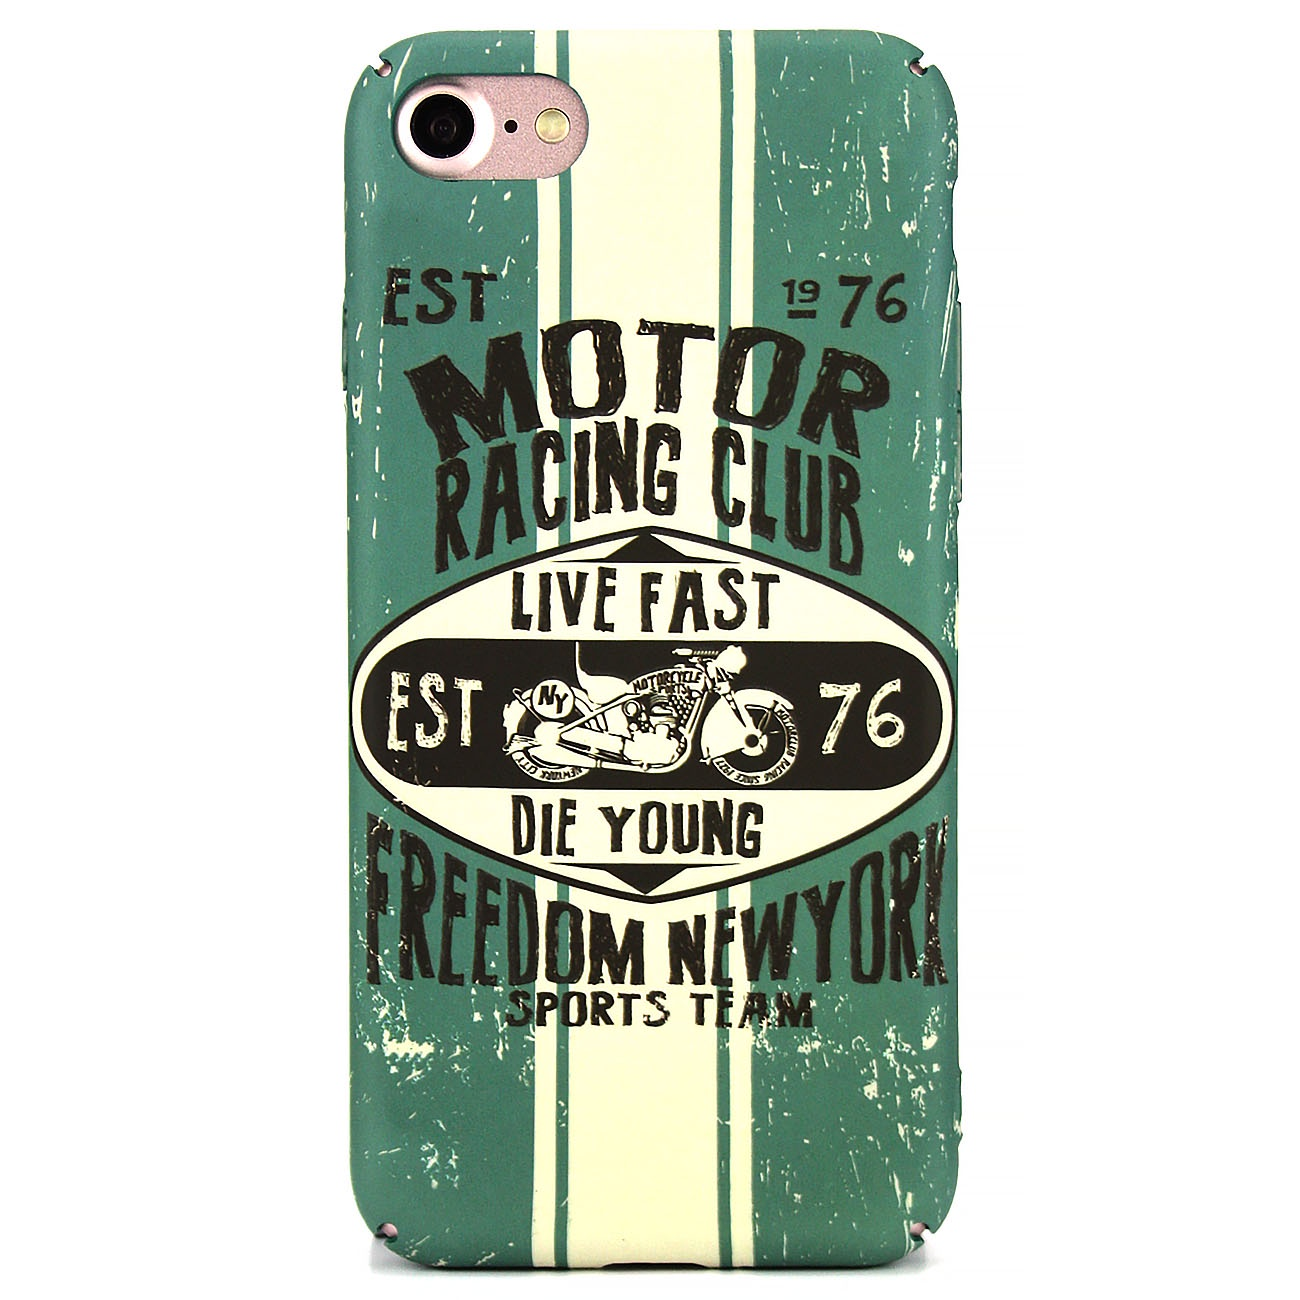 Чехол для сотового телефона MI,BS iPhone 7/8 Racing Club, темно-зеленый, бежевый, бирюзовый